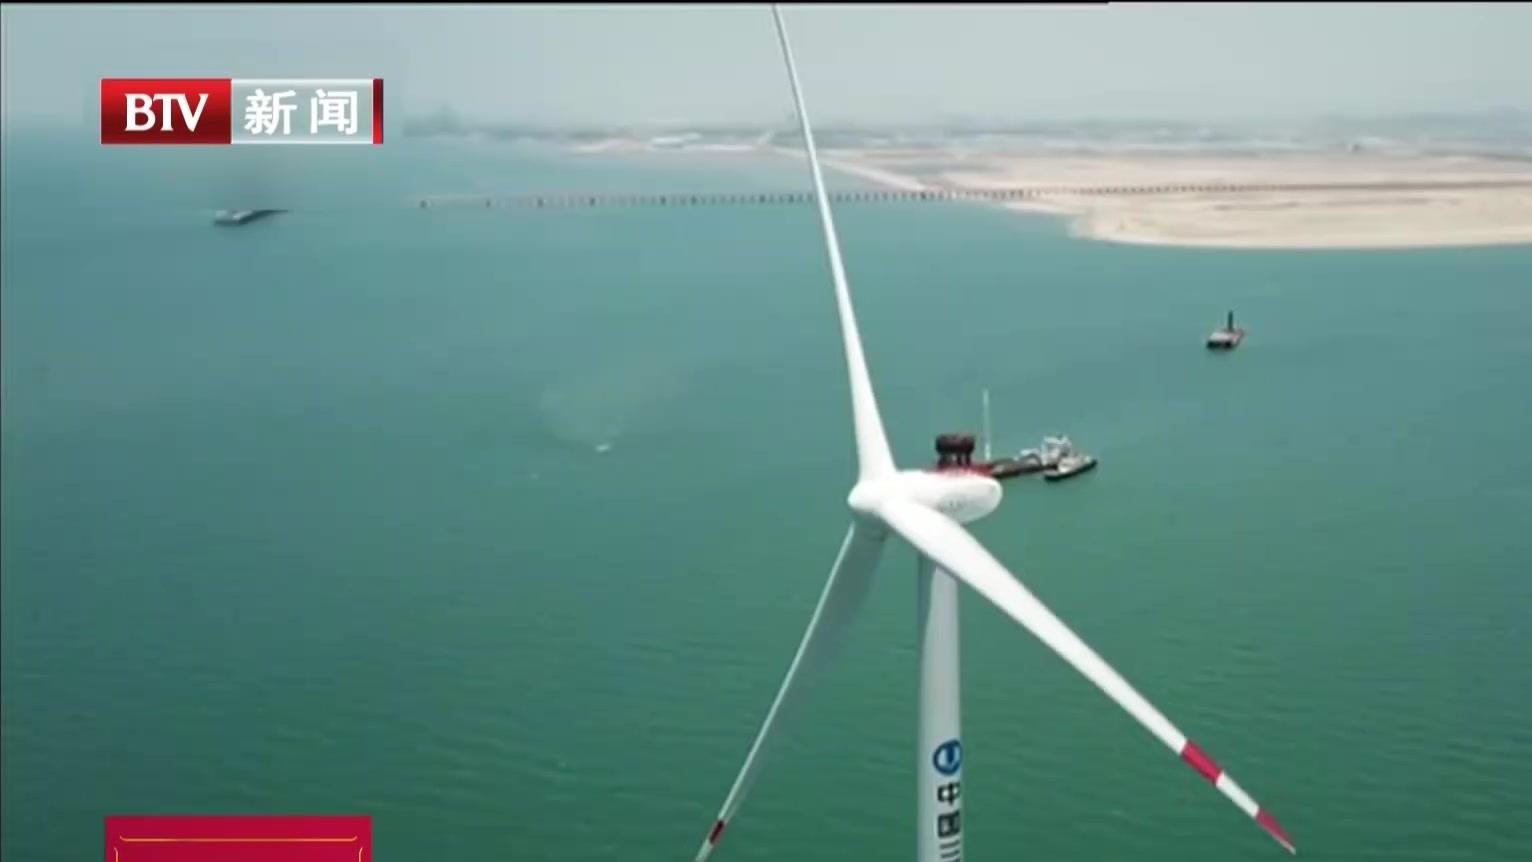 福建:国内首台10兆瓦海上风电机组并网发电